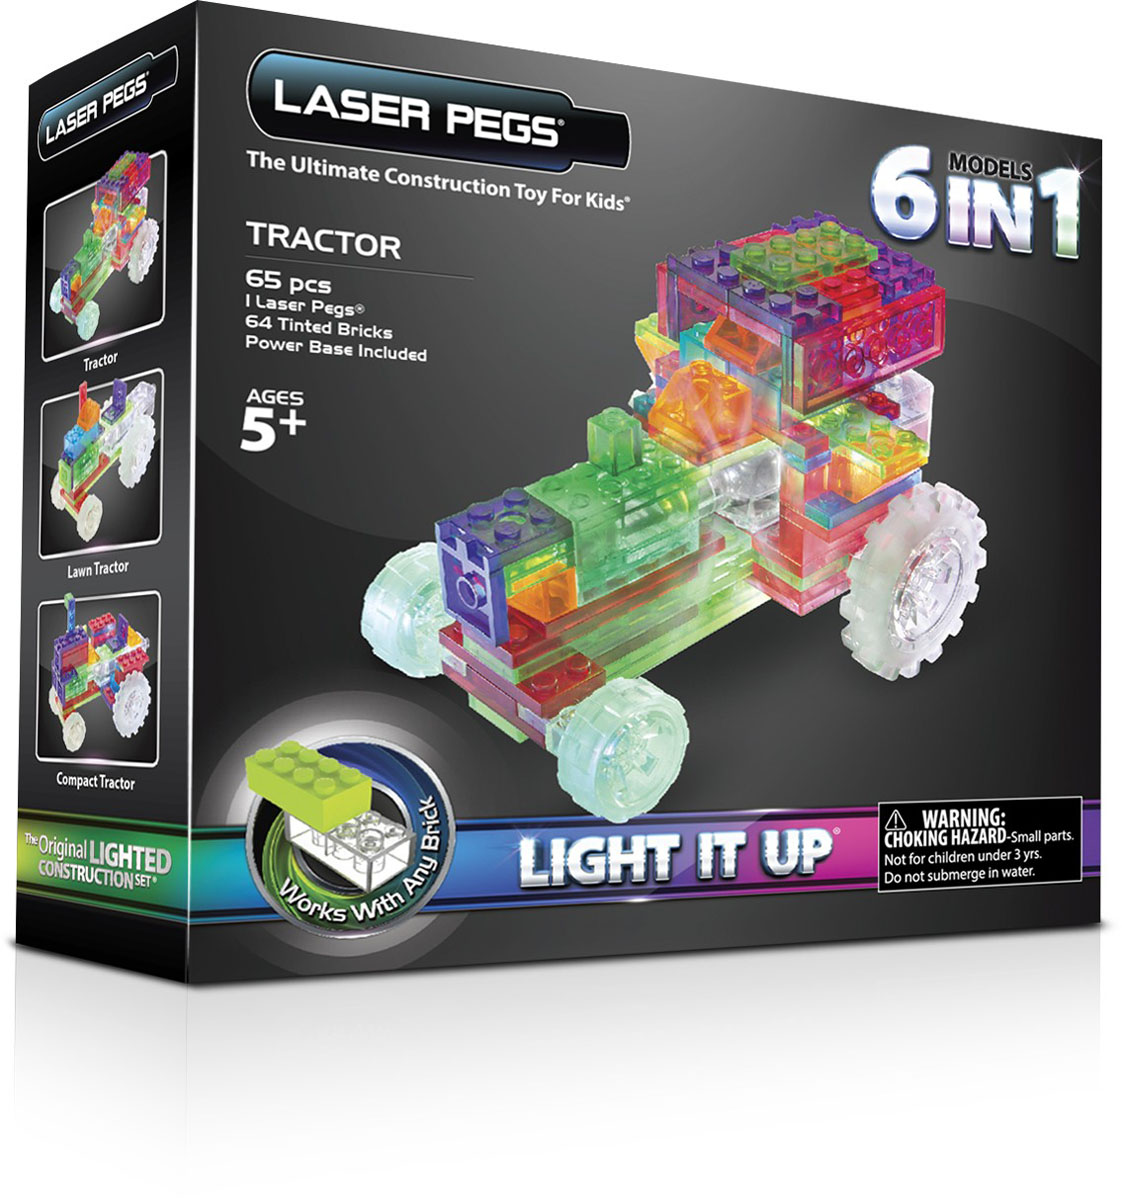 Laser Pegs Конструктор Трактор 6 в 1